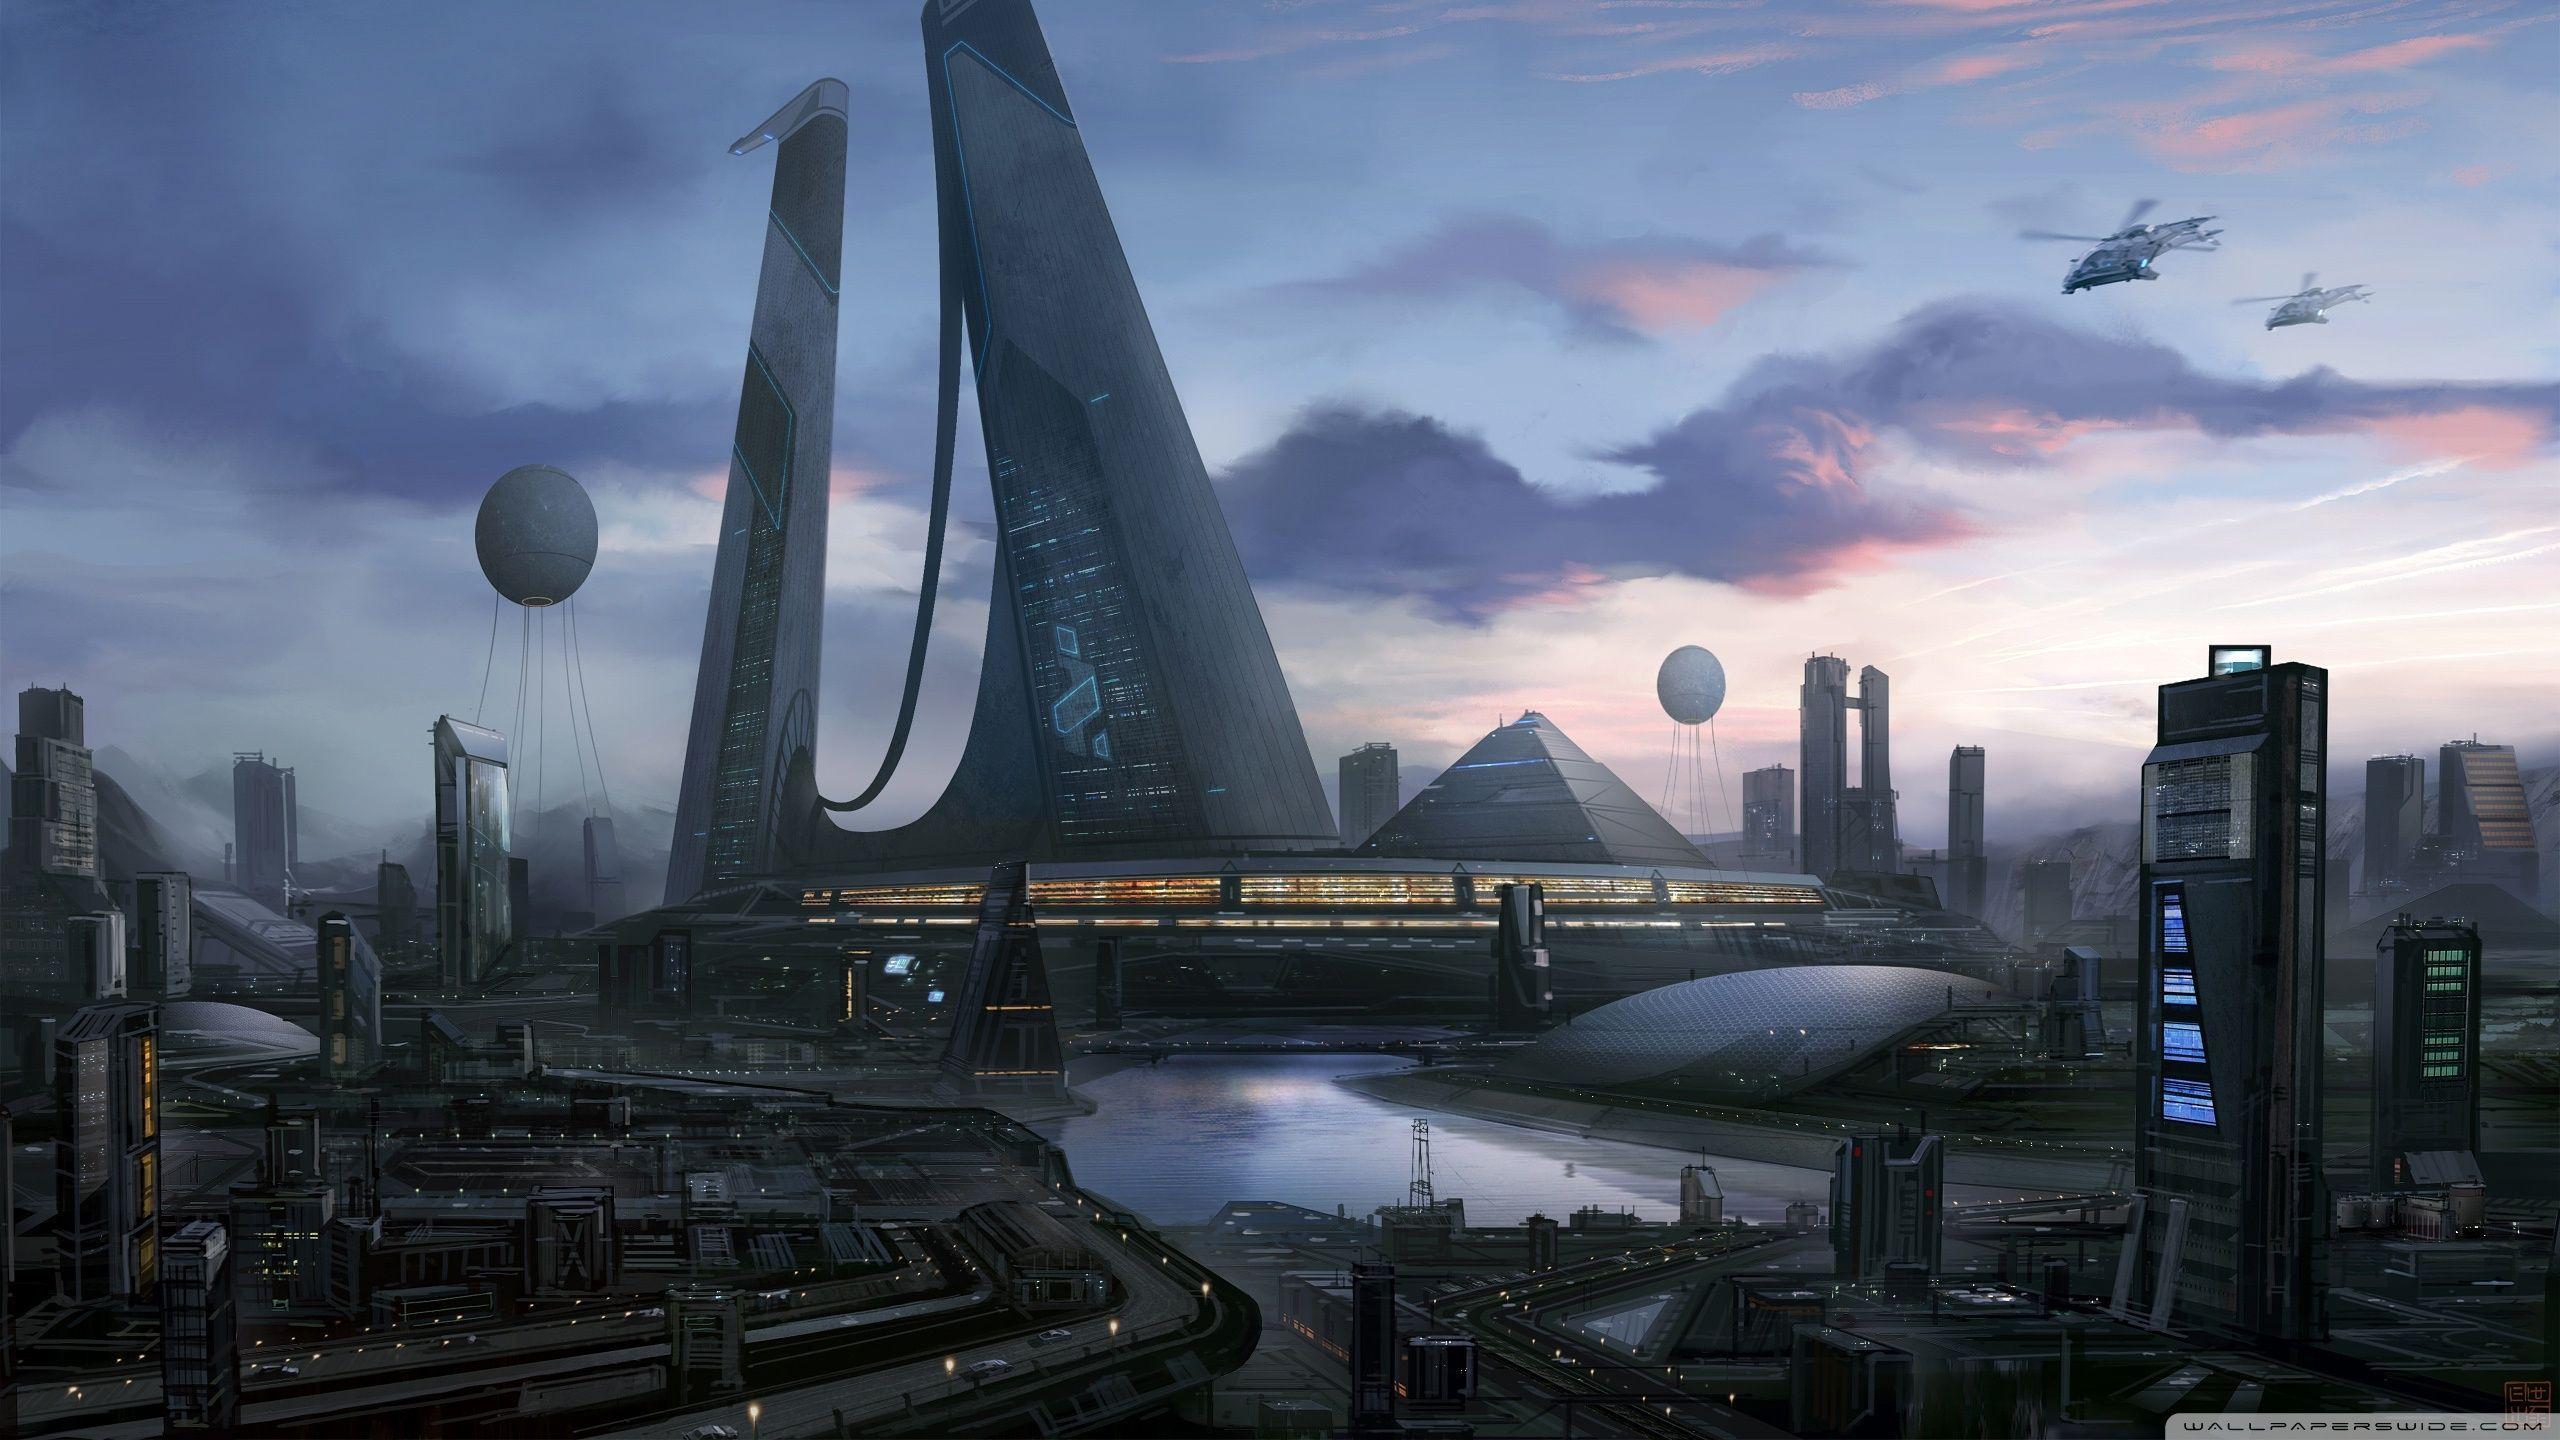 Futuristic City Wallpaper Hd: Futuristic City Wallpapers